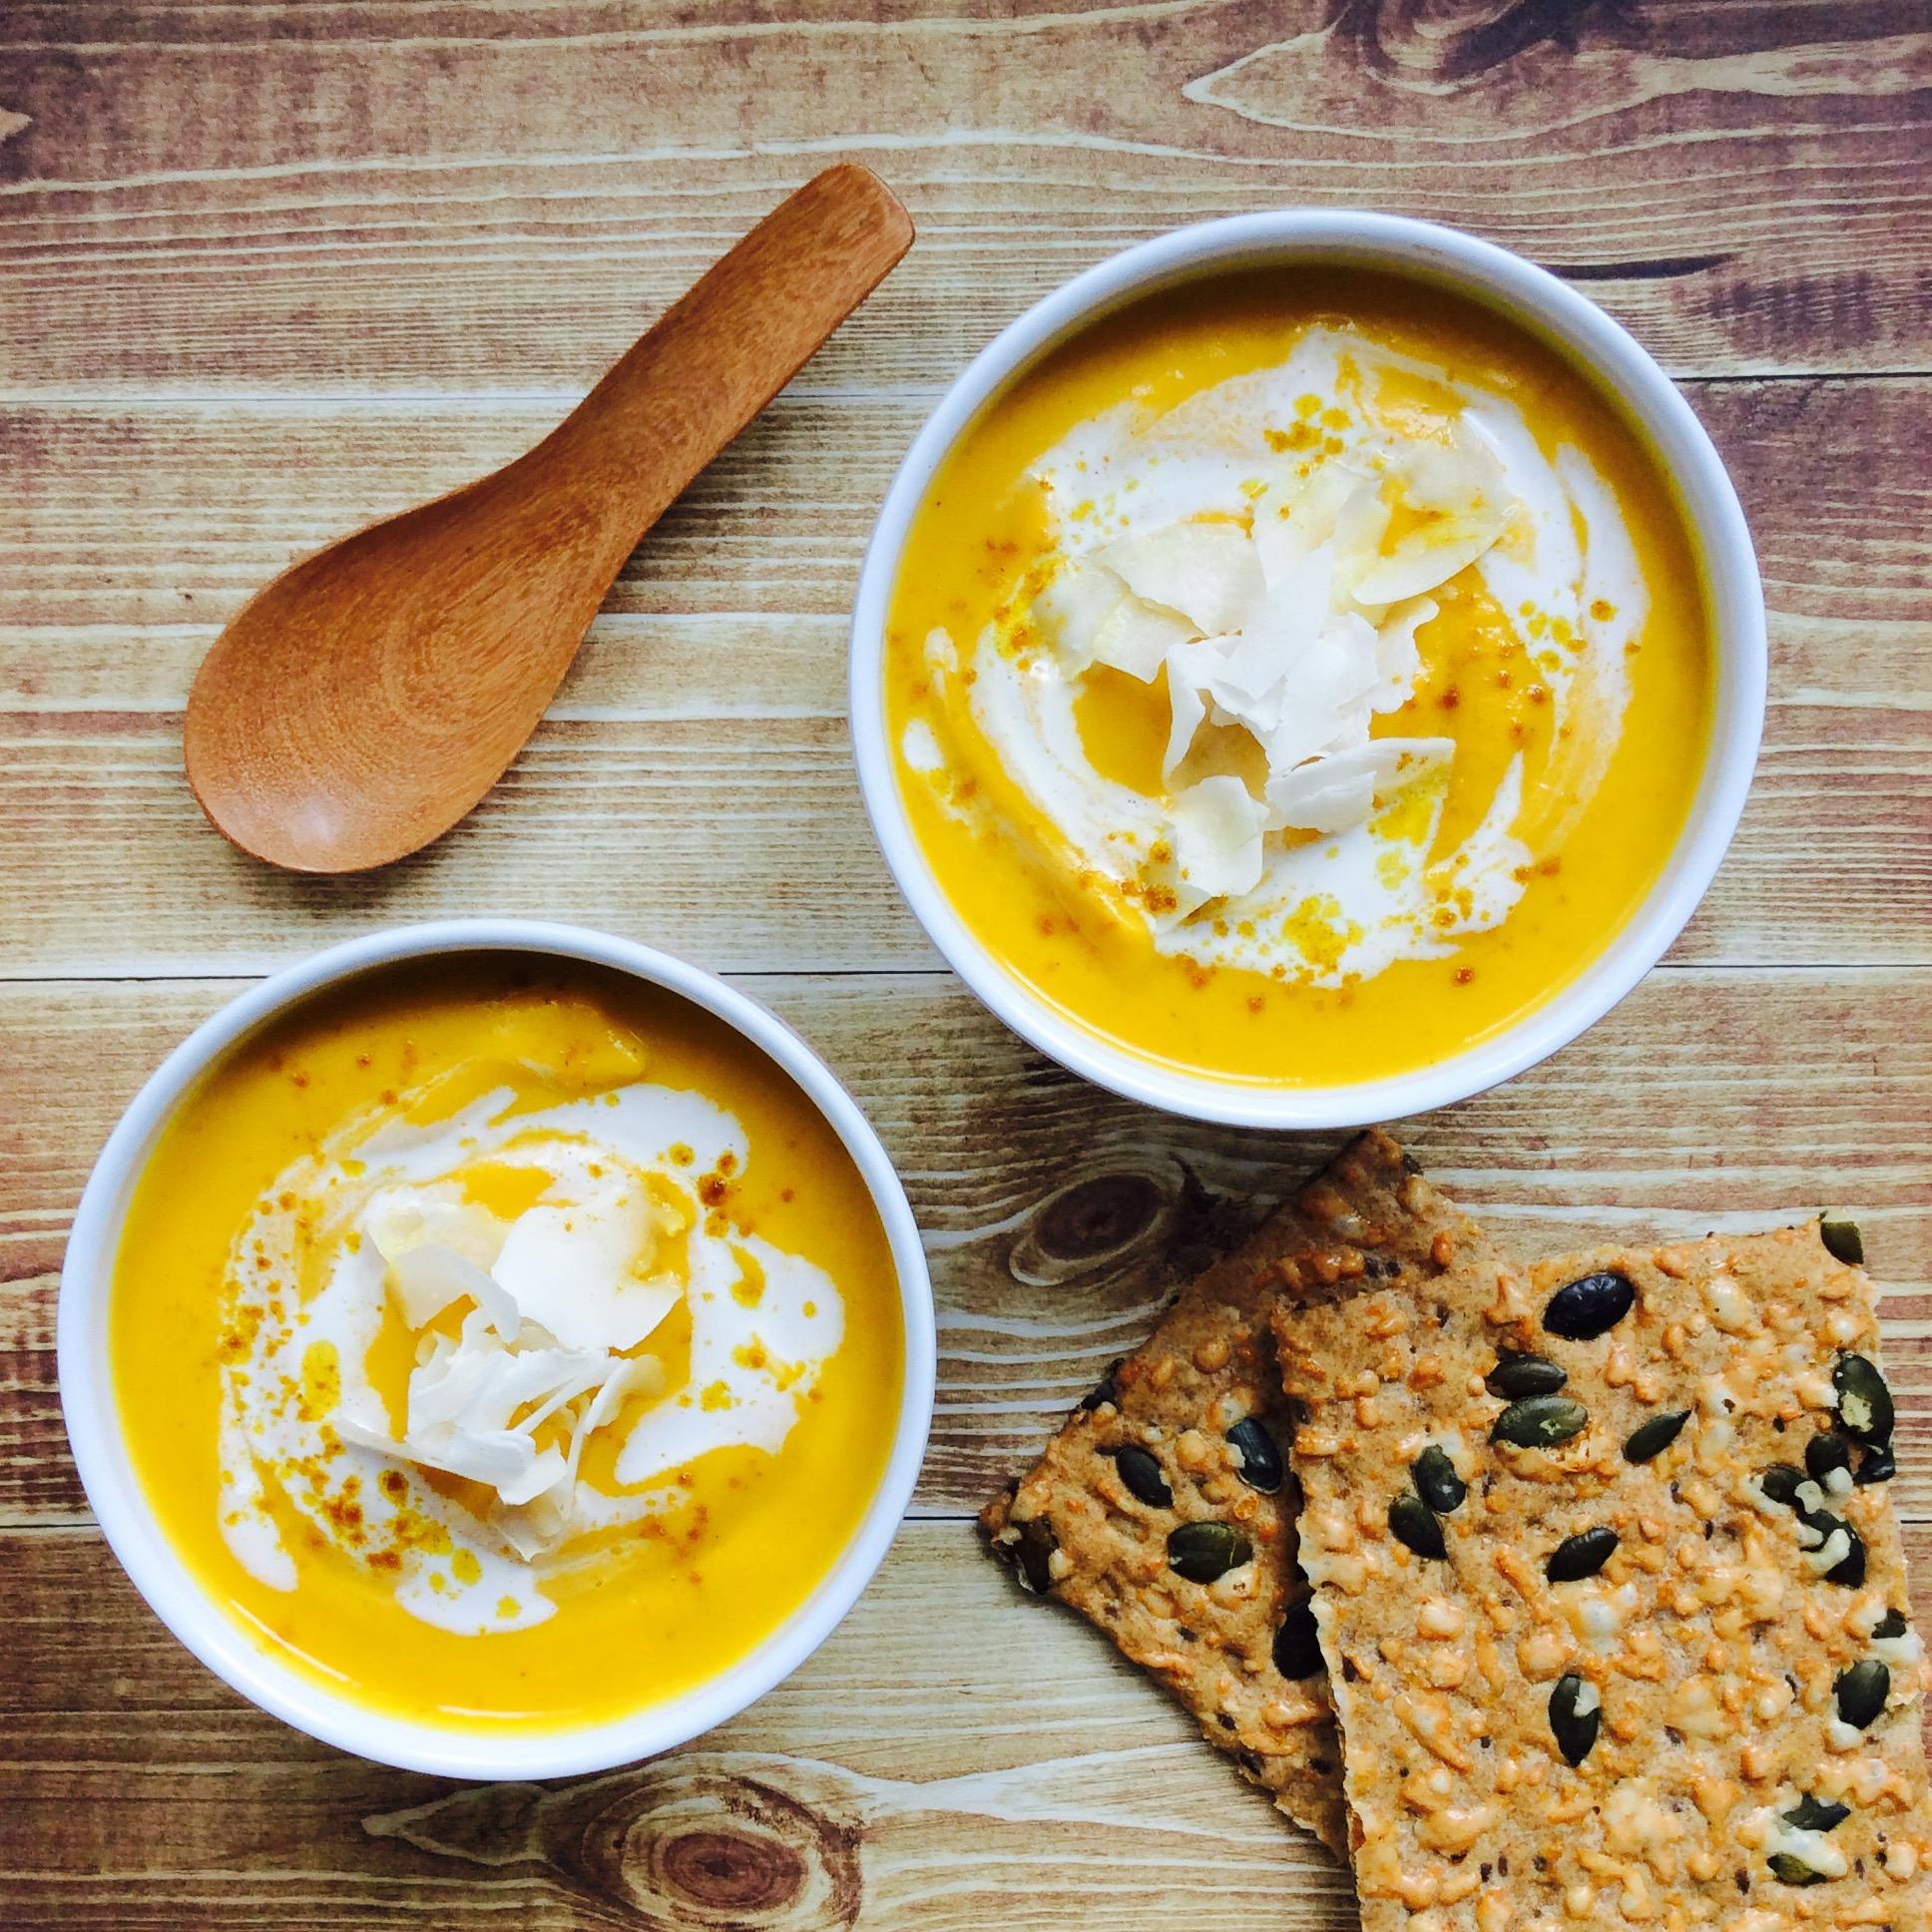 receta-crema-de-calabaza-coco-y-curry-ido-1